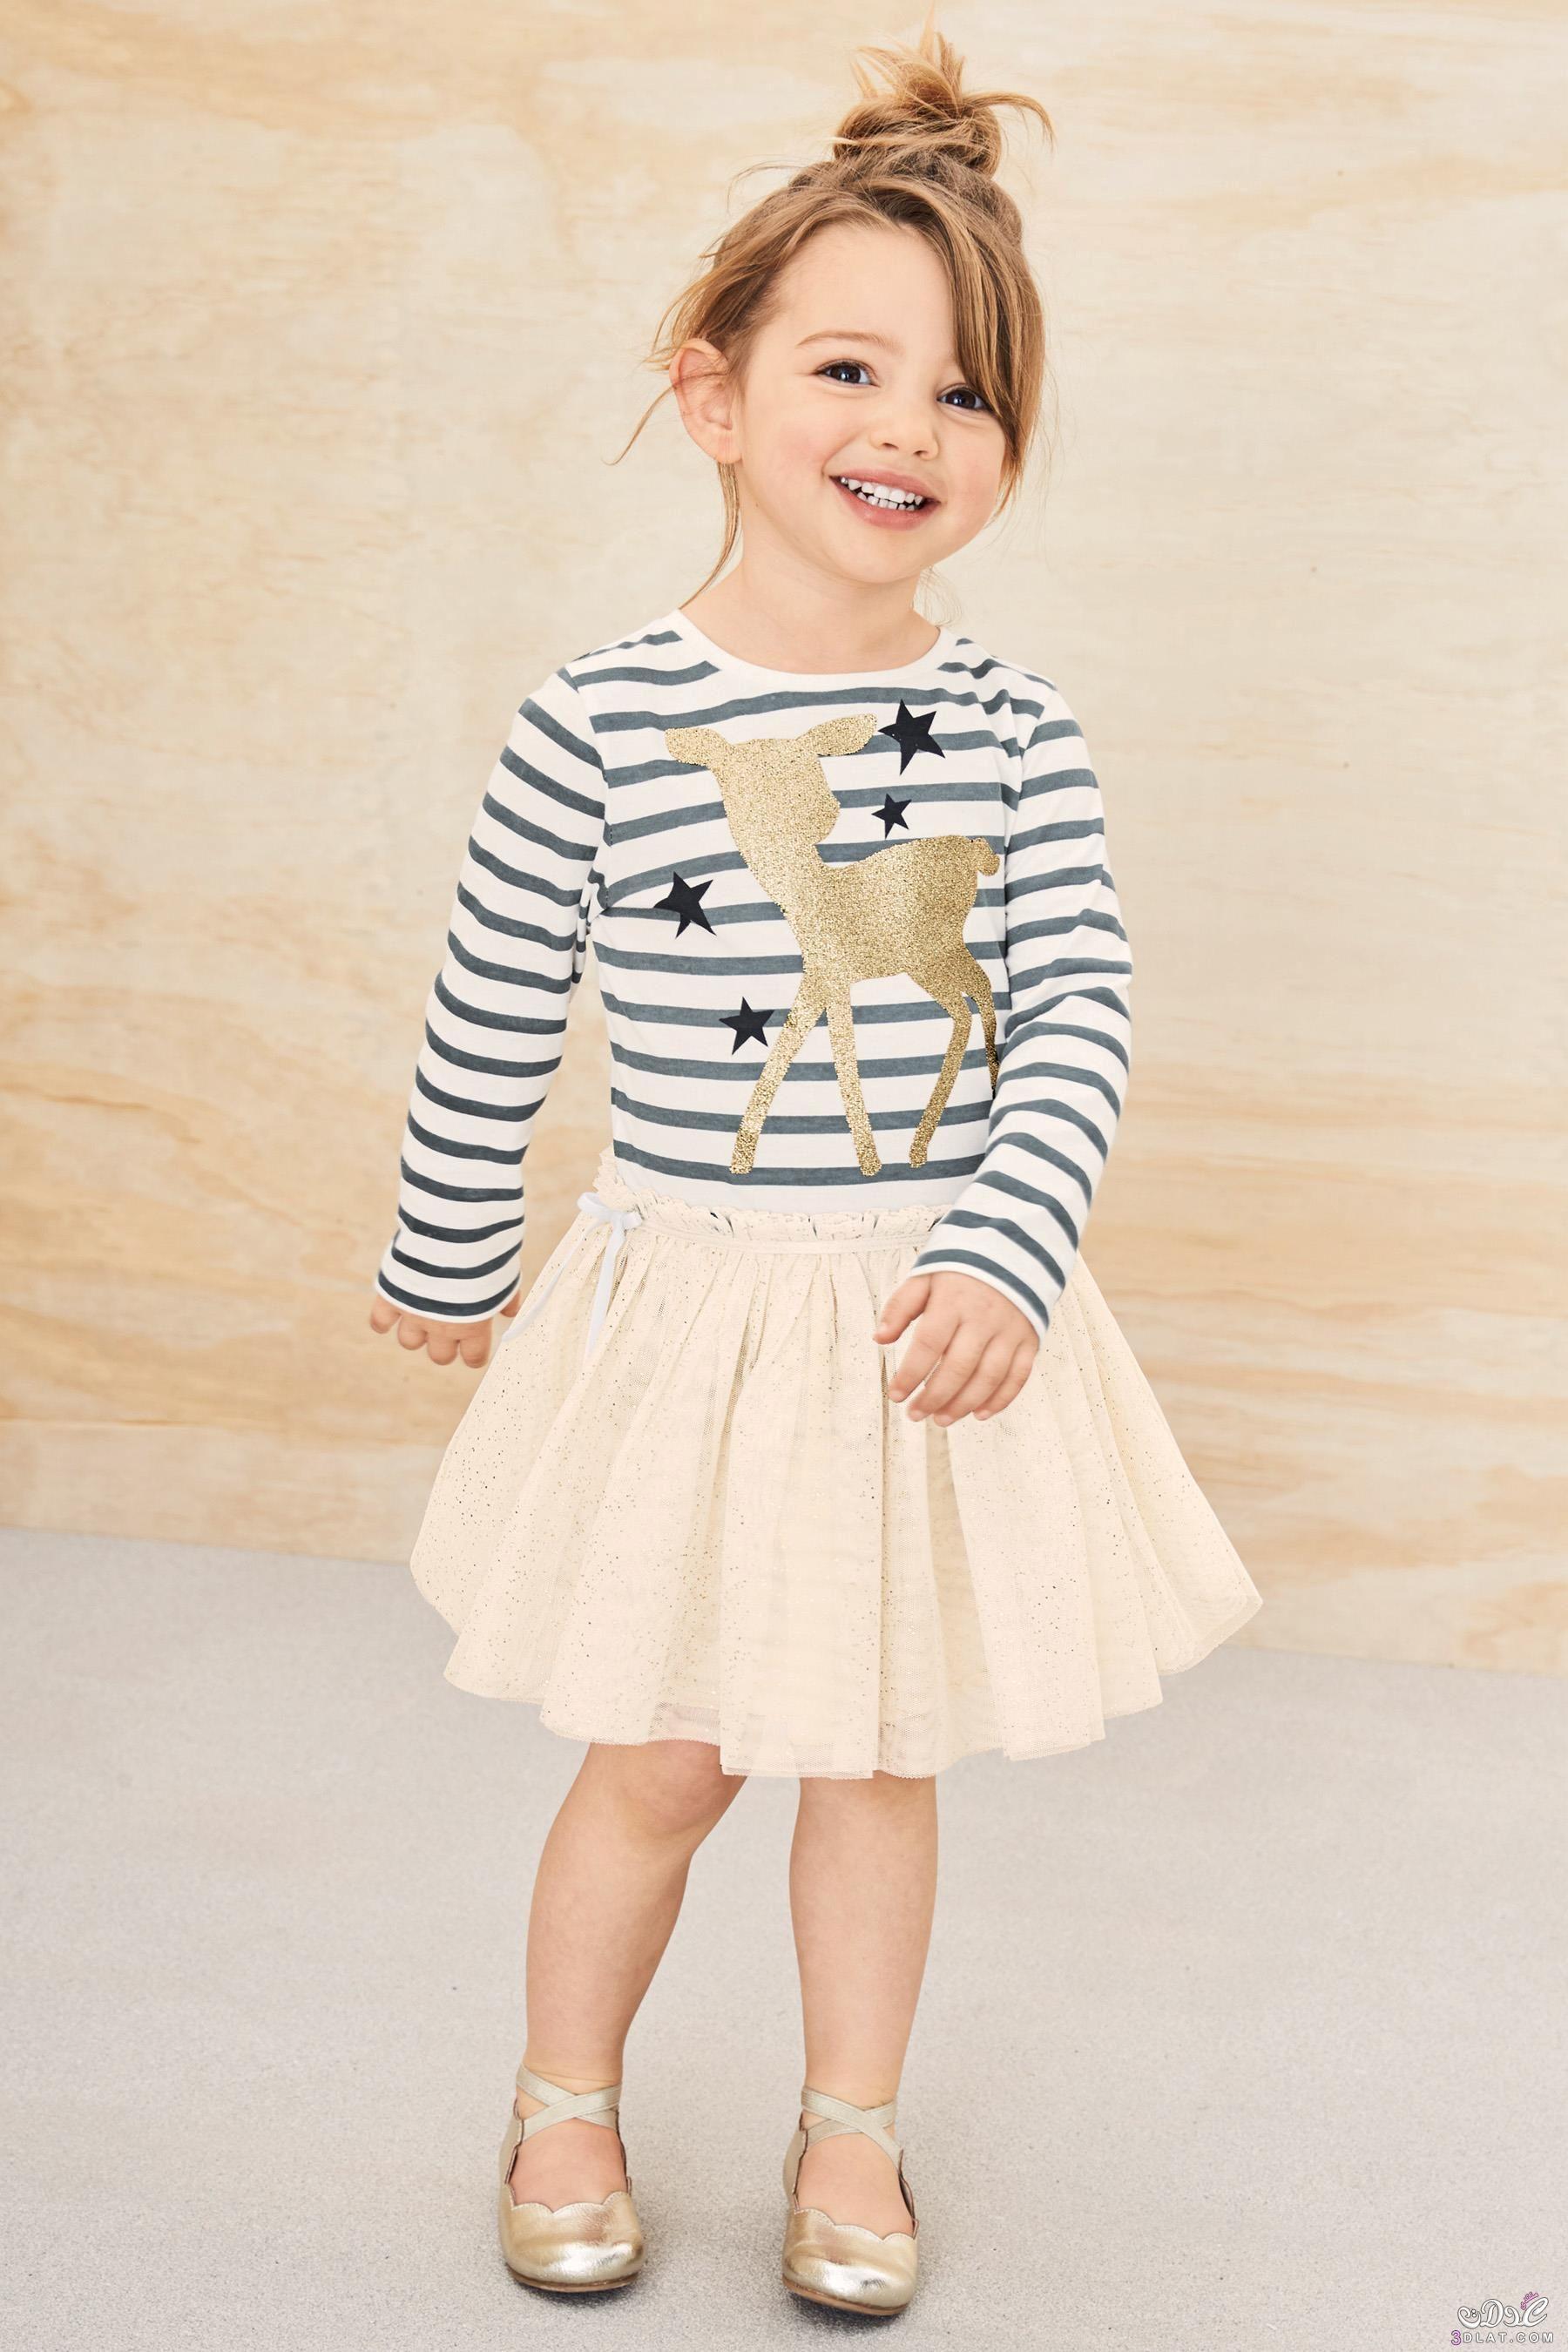 بالصور ملابس الاطفال , احدث موضه فى ملابس الاطفال 1888 15